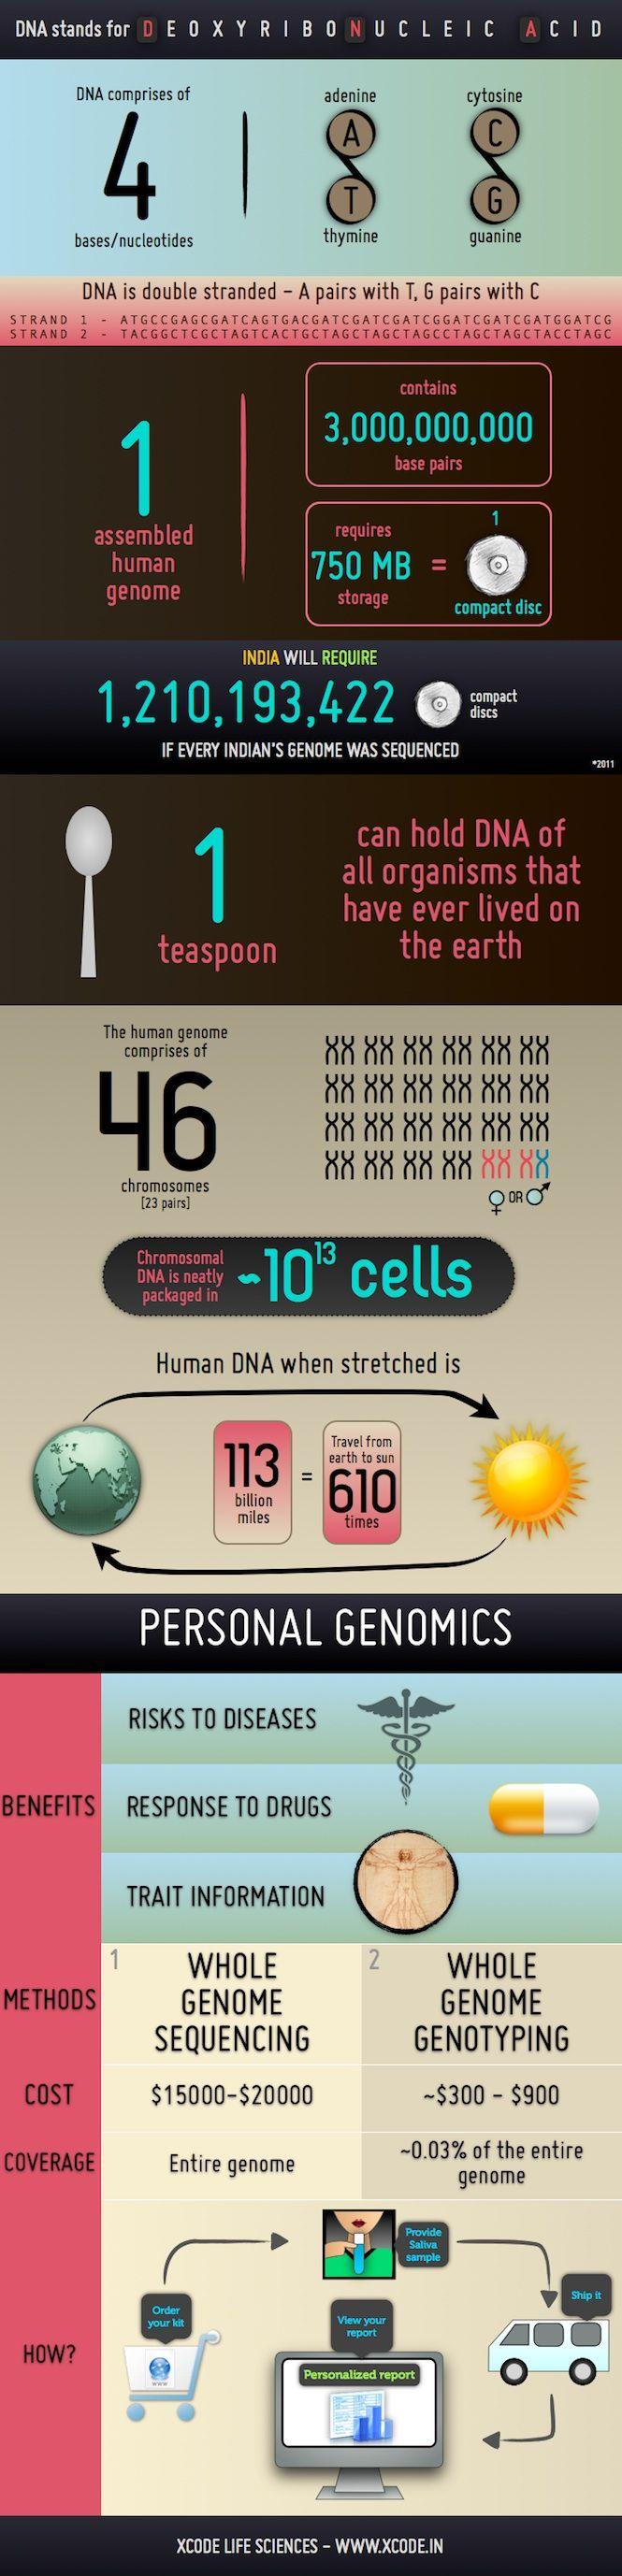 DNA Indepth